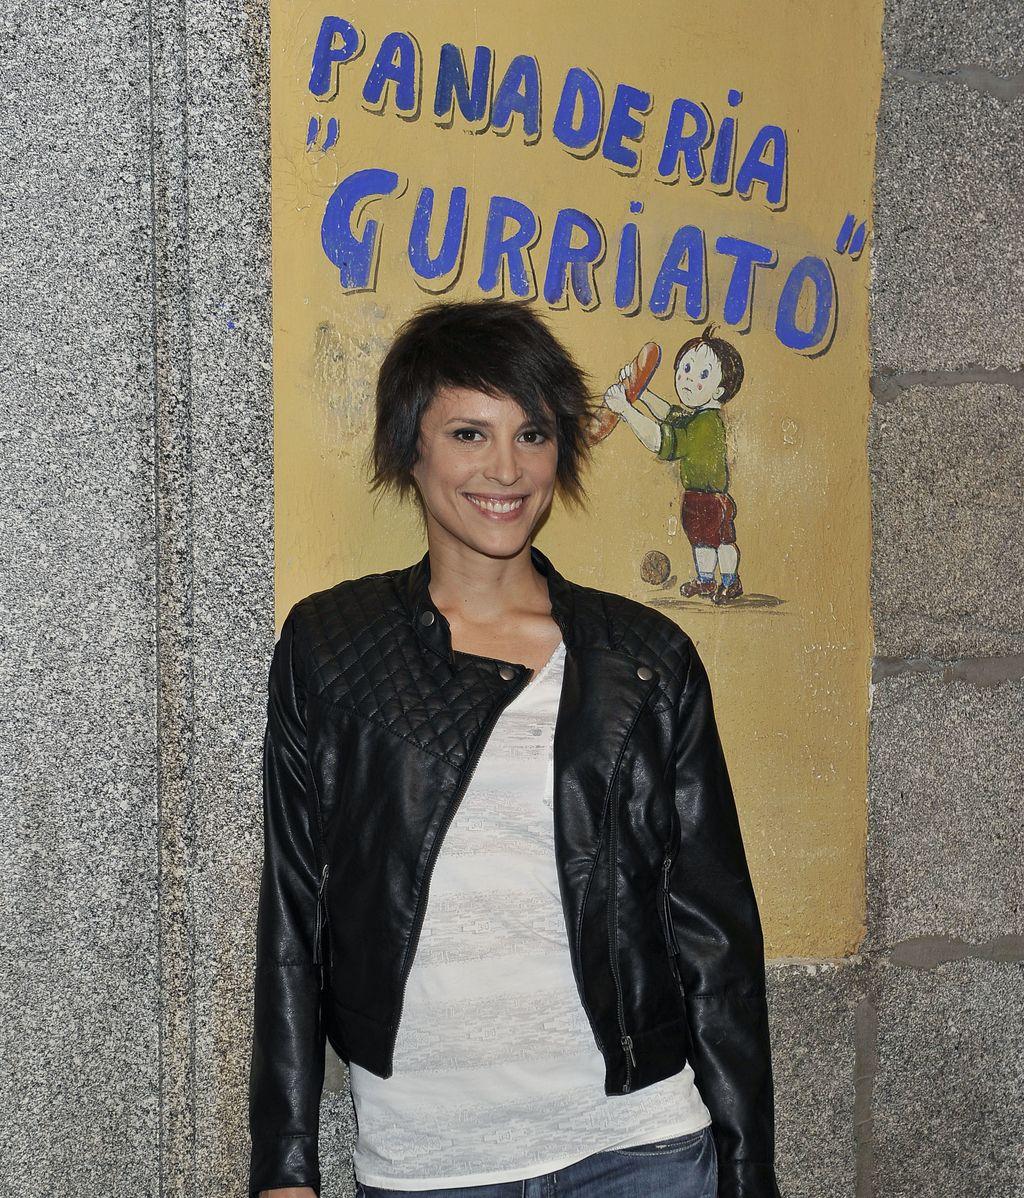 Patricia Montero y Martín Rivas son los protagonistas